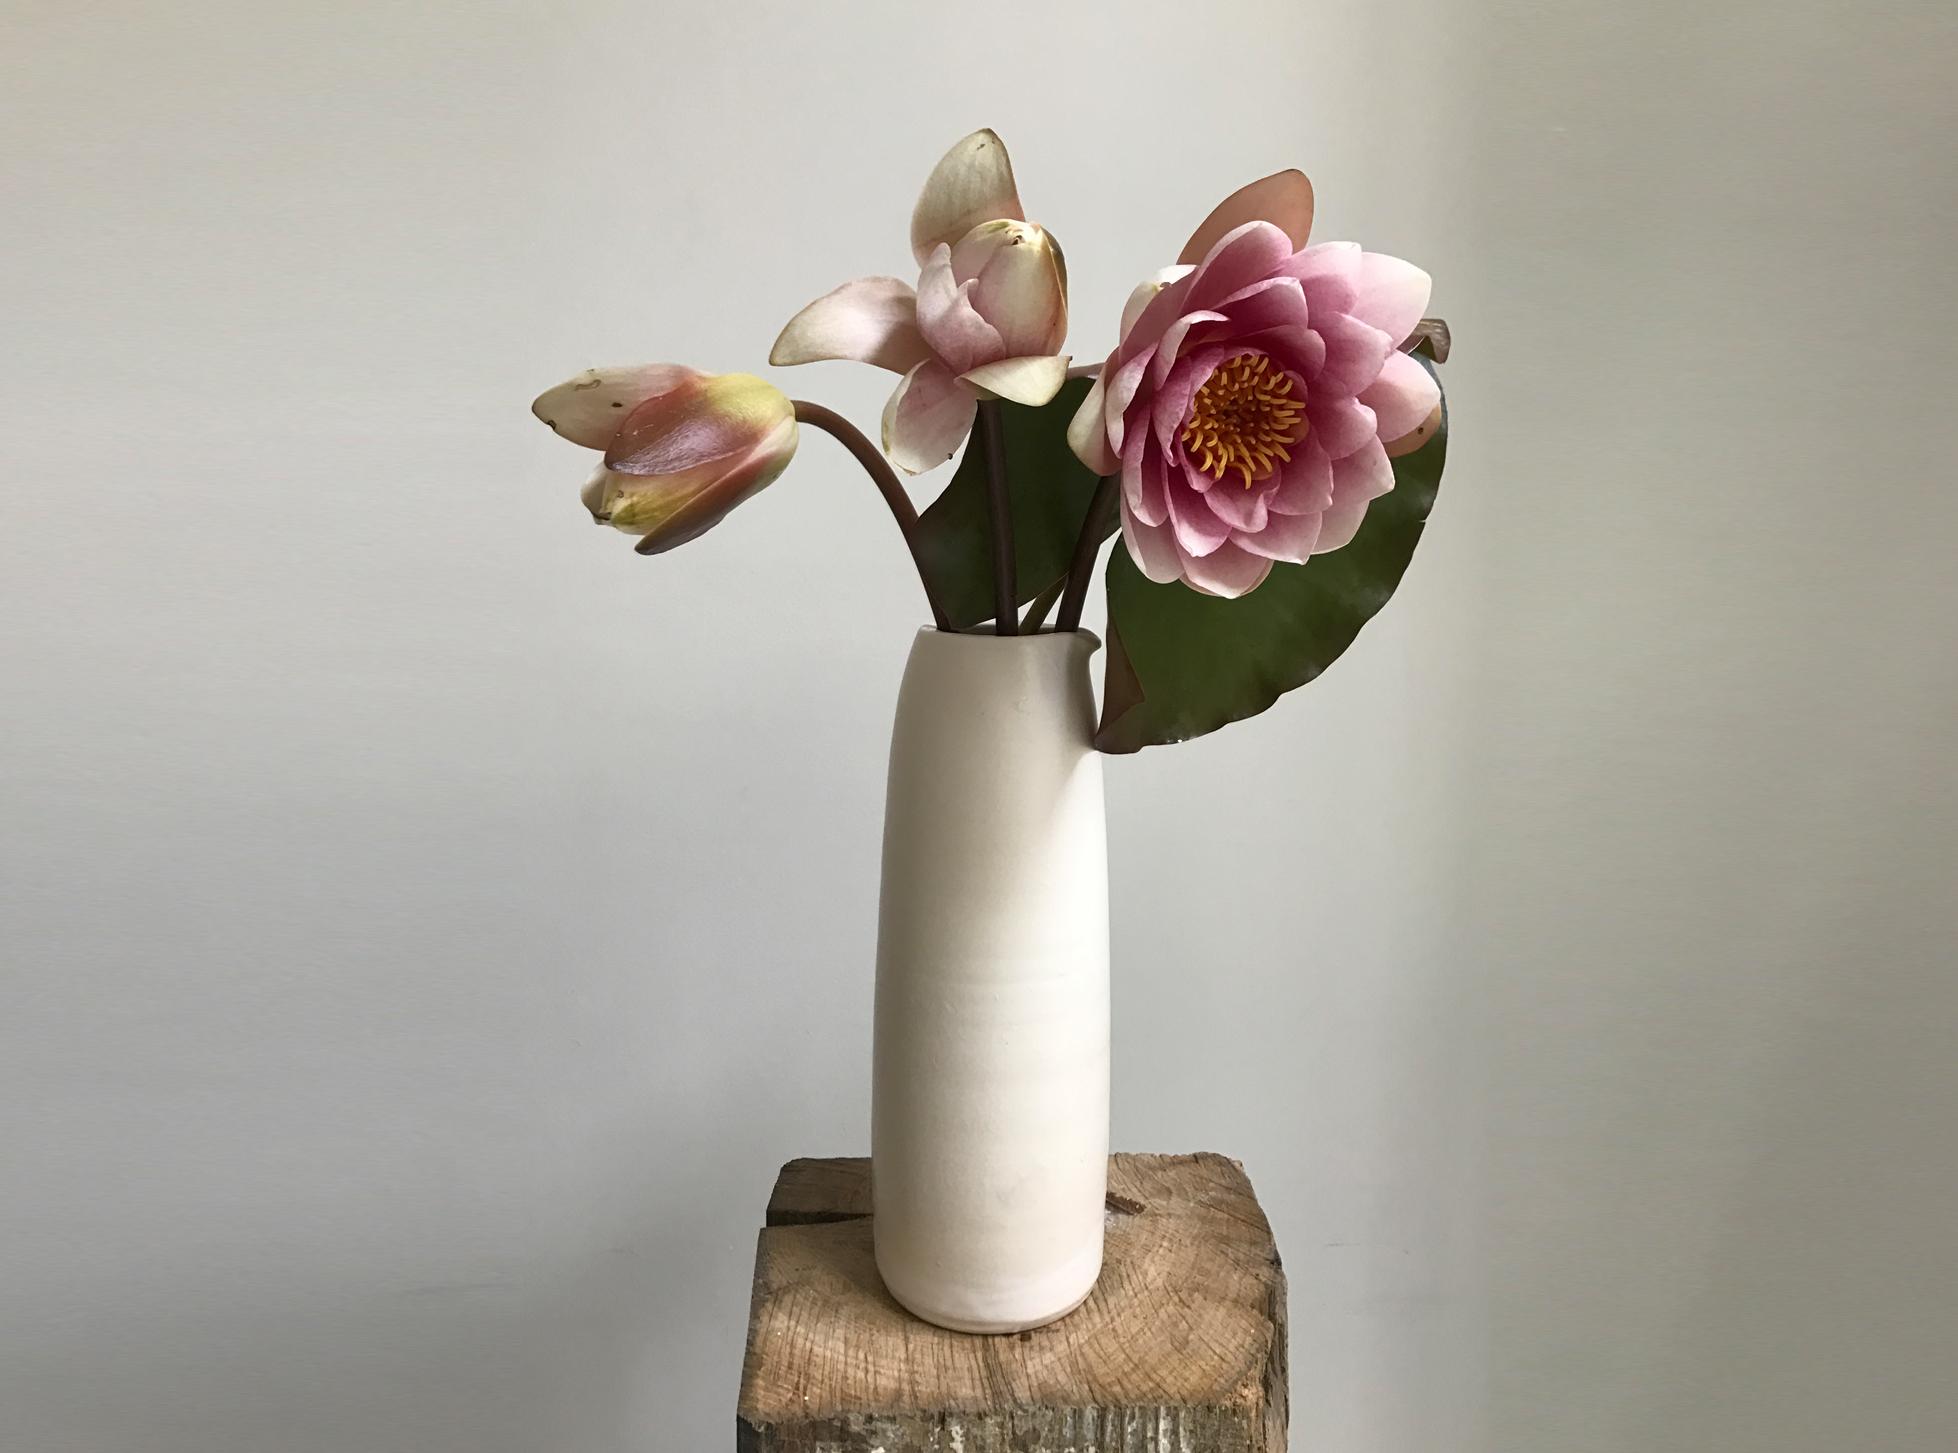 bouquet-7.jpg